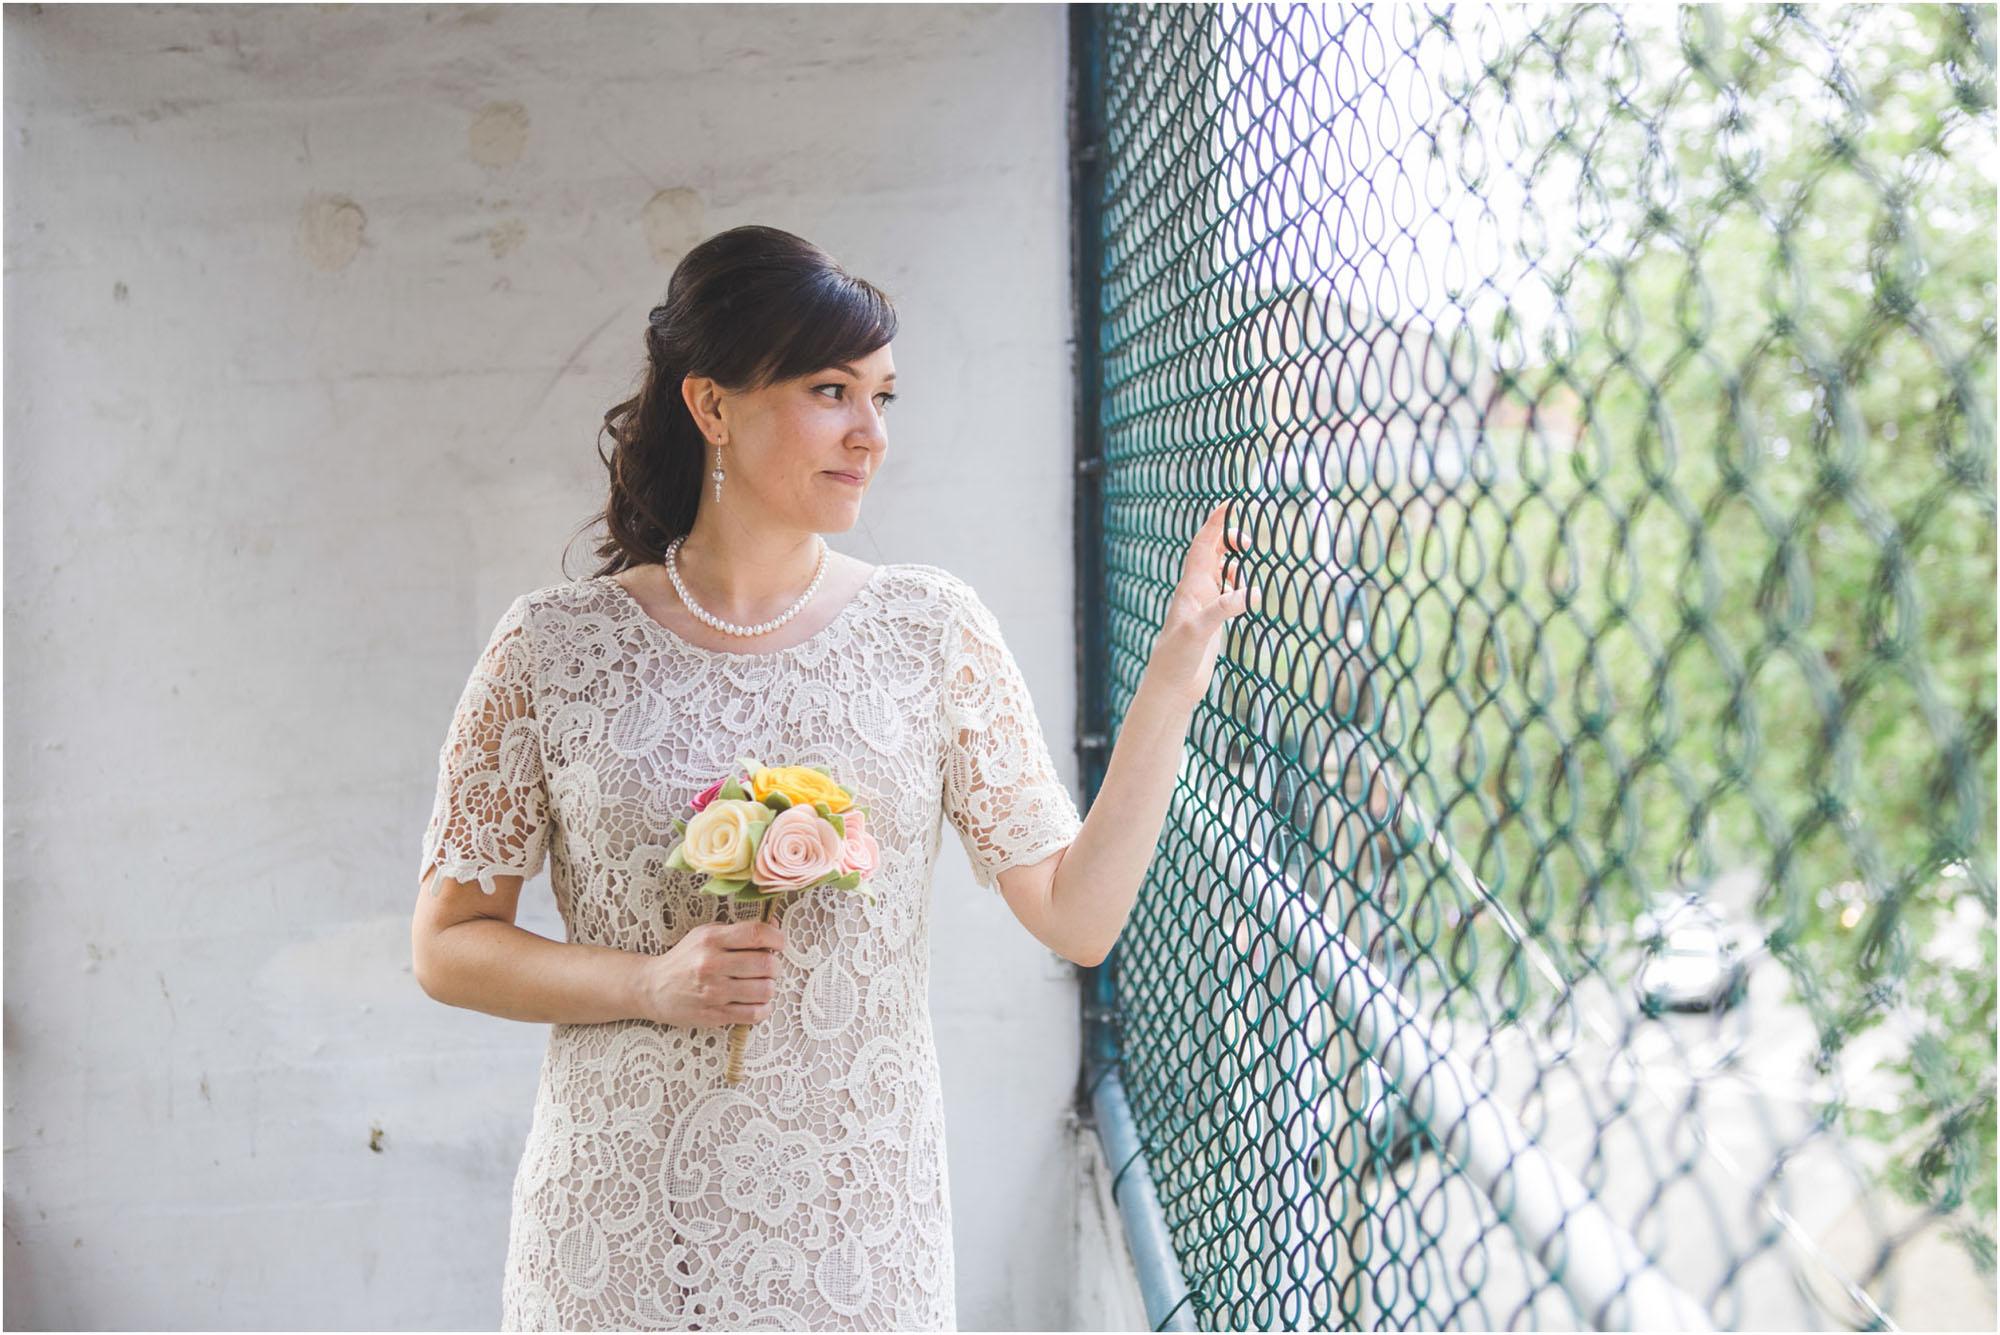 ashley vos photography seattle area wedding photographer courthouse wedding court house wedding seattle washington_0021.jpg